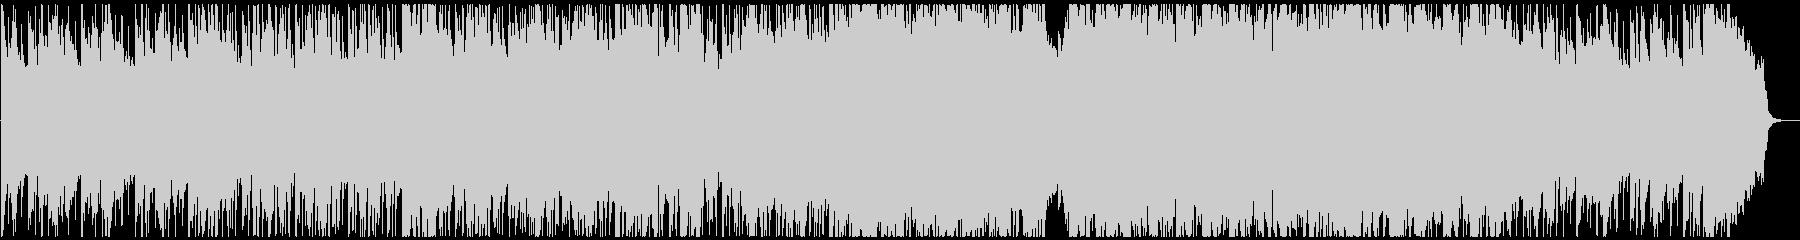 バイオリンの爽やかなアコースティック系の未再生の波形